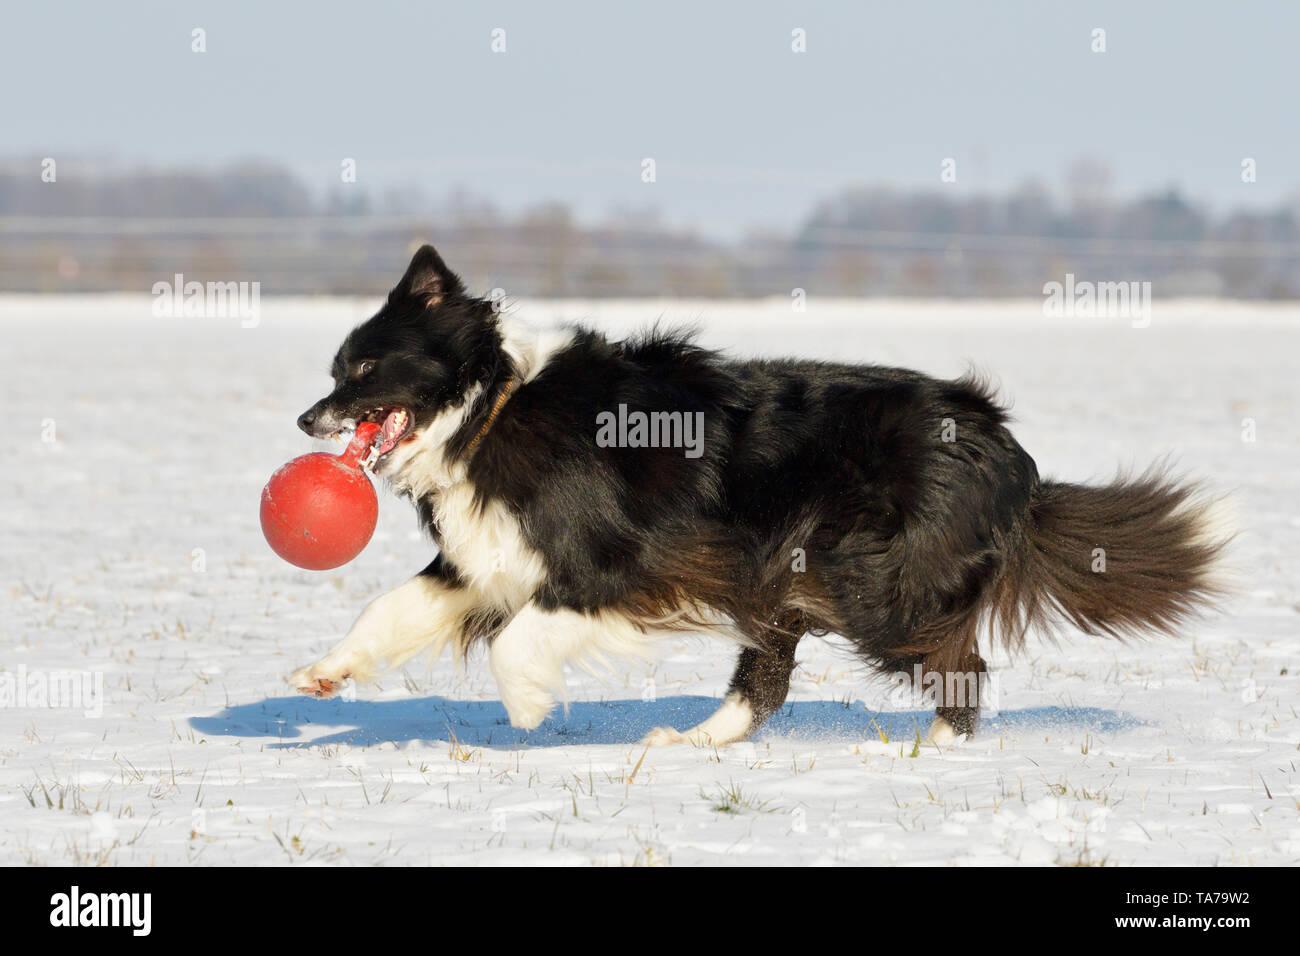 Border Collie. Erwachsener Hund im Schnee, das Spiel mit dem roten Ball. Deutschland Stockfoto